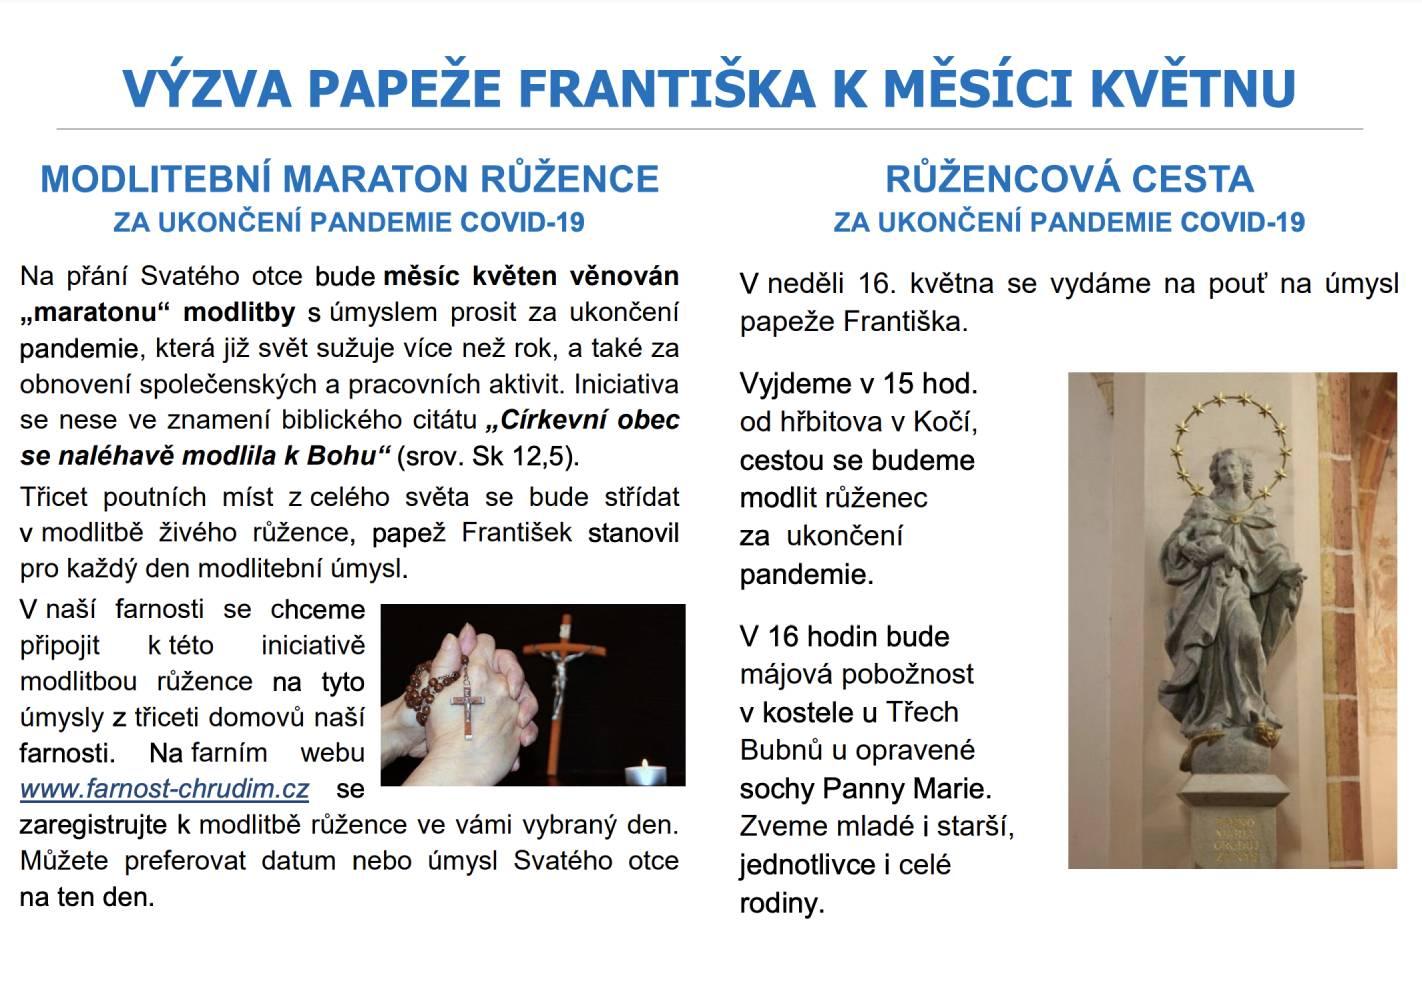 Výzva papeže Františka